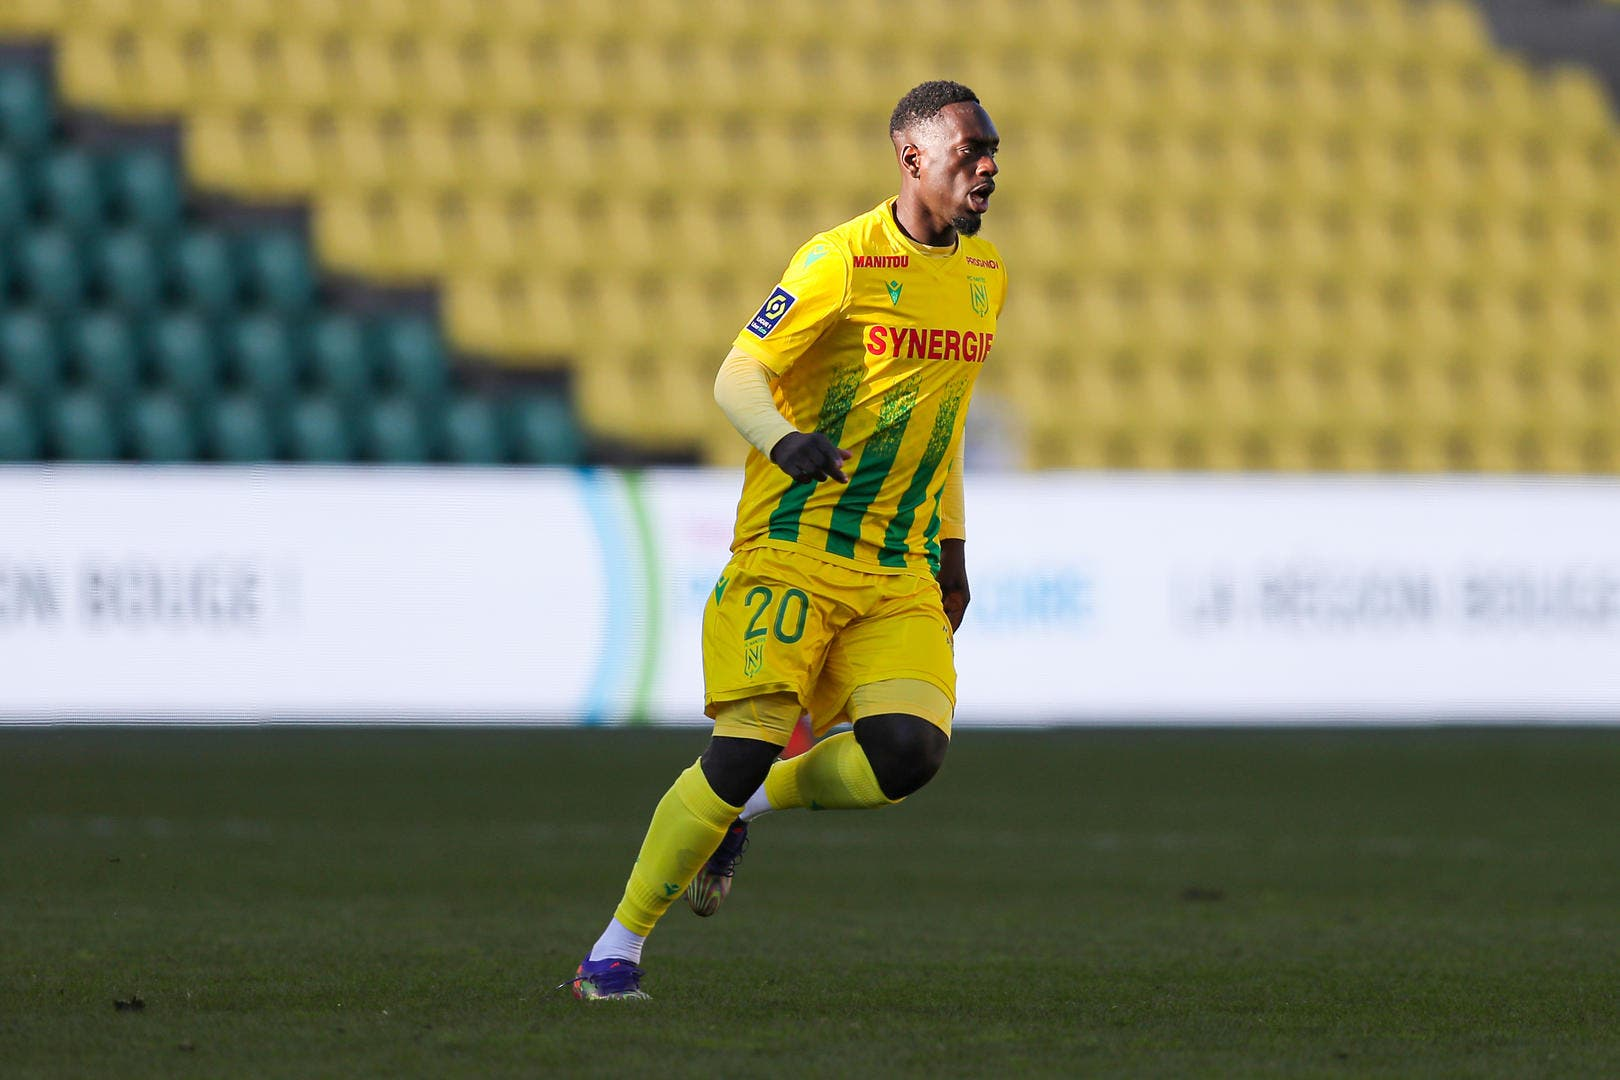 FCN : Augustin victime du « Covid long », Nantes brise le silence - Foot01.com